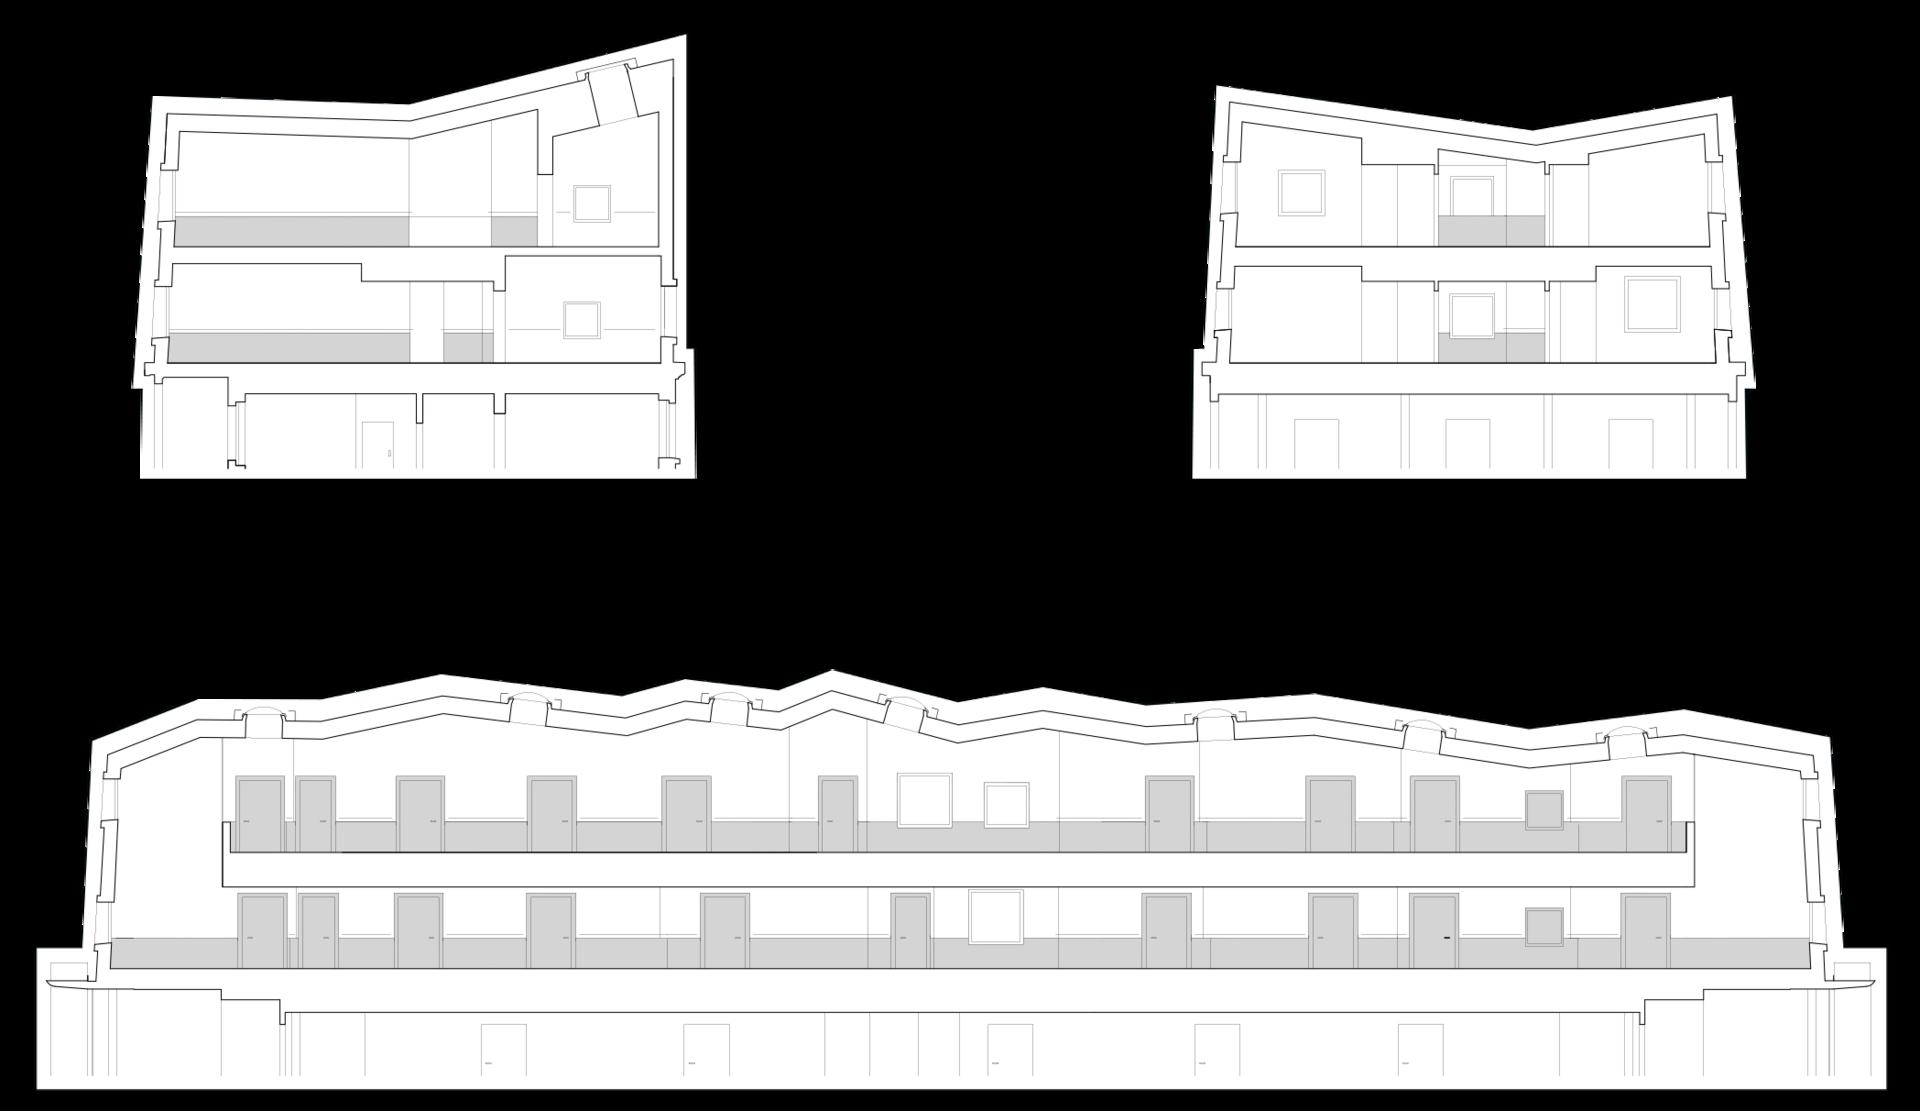 Plan d'une surélévation d'un hôpital